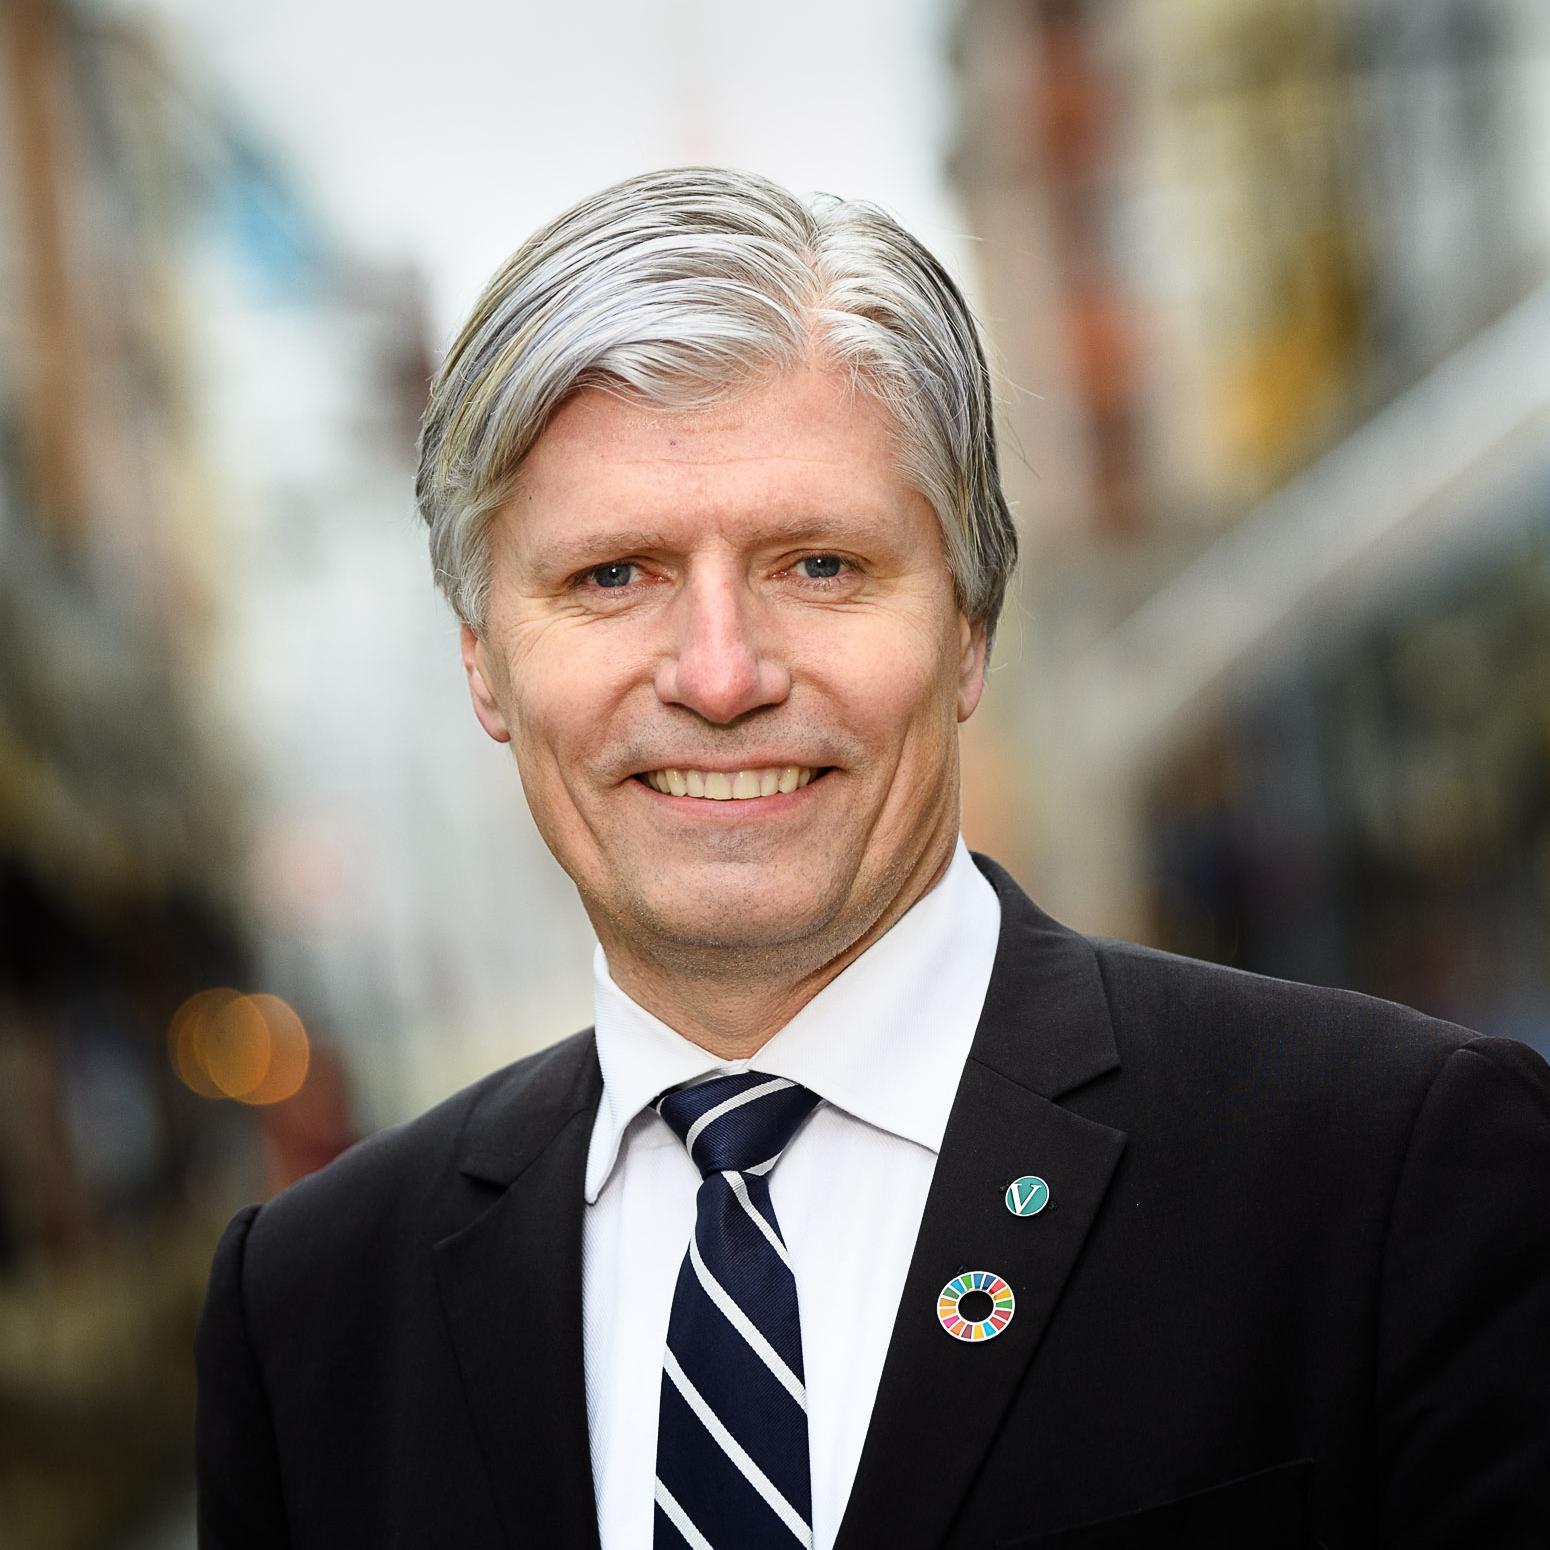 Ola Elvestuen, klima- og miljøminister i samtale med Ole Mathismoen:  Verden møtes straks til nytt klimatoppmøte. Har lederne skjønt alvoret?